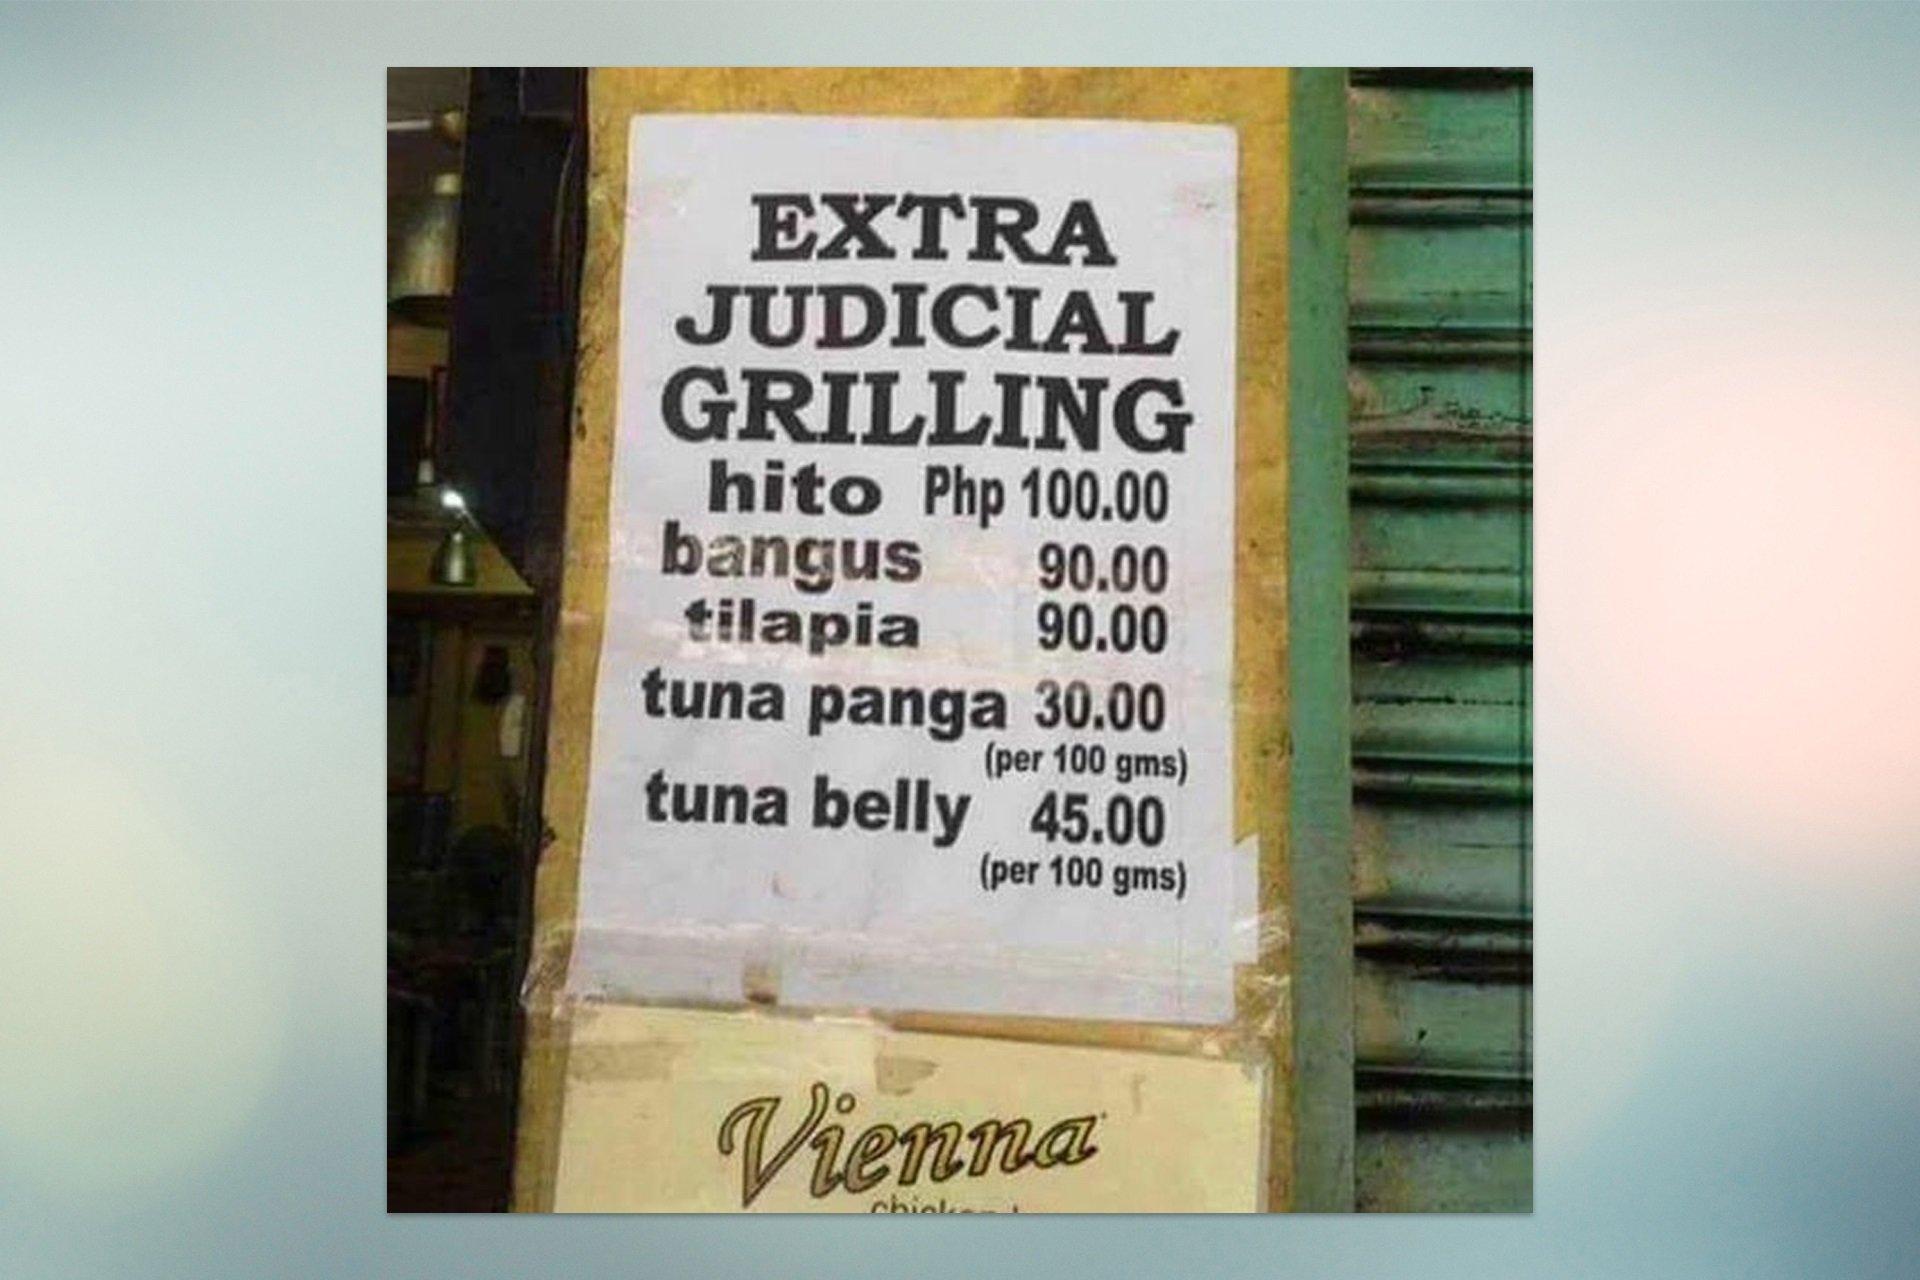 Funny Signages Extrajudicial grilling